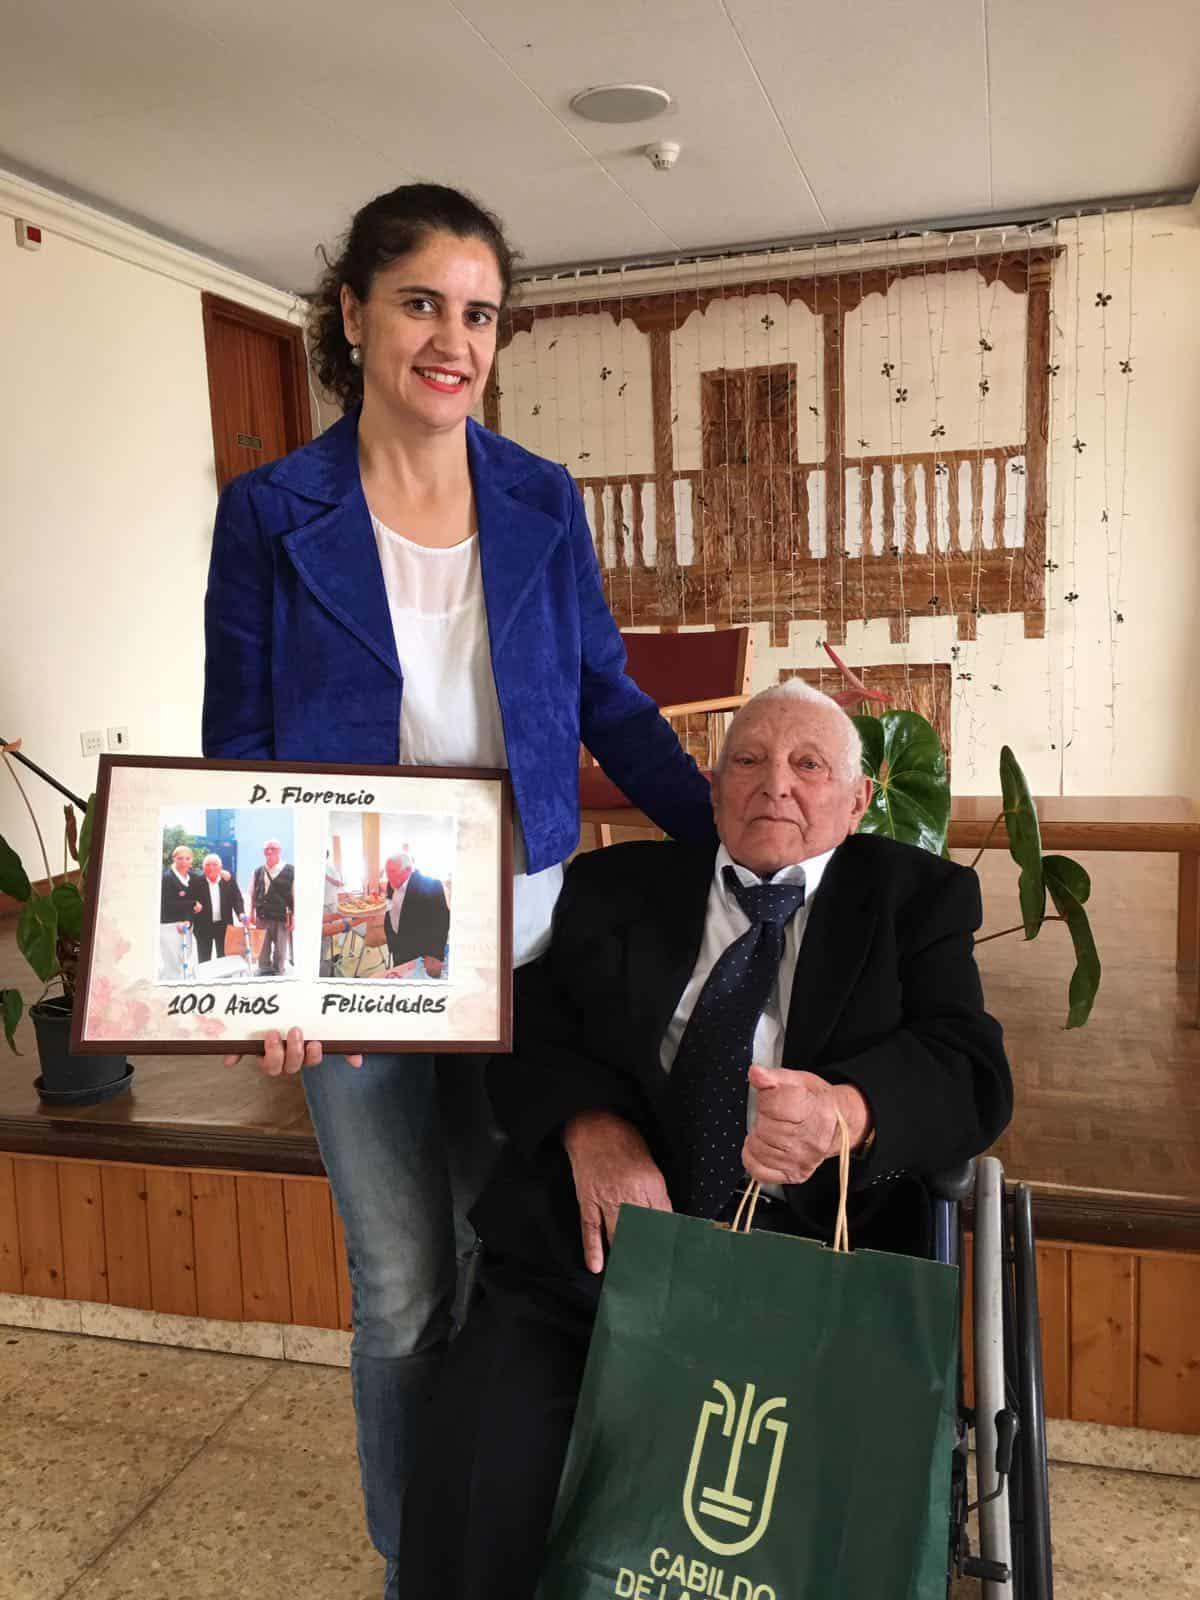 El Cabildo rinde homenaje al garafiano Florencio García Medina por sus 100 años